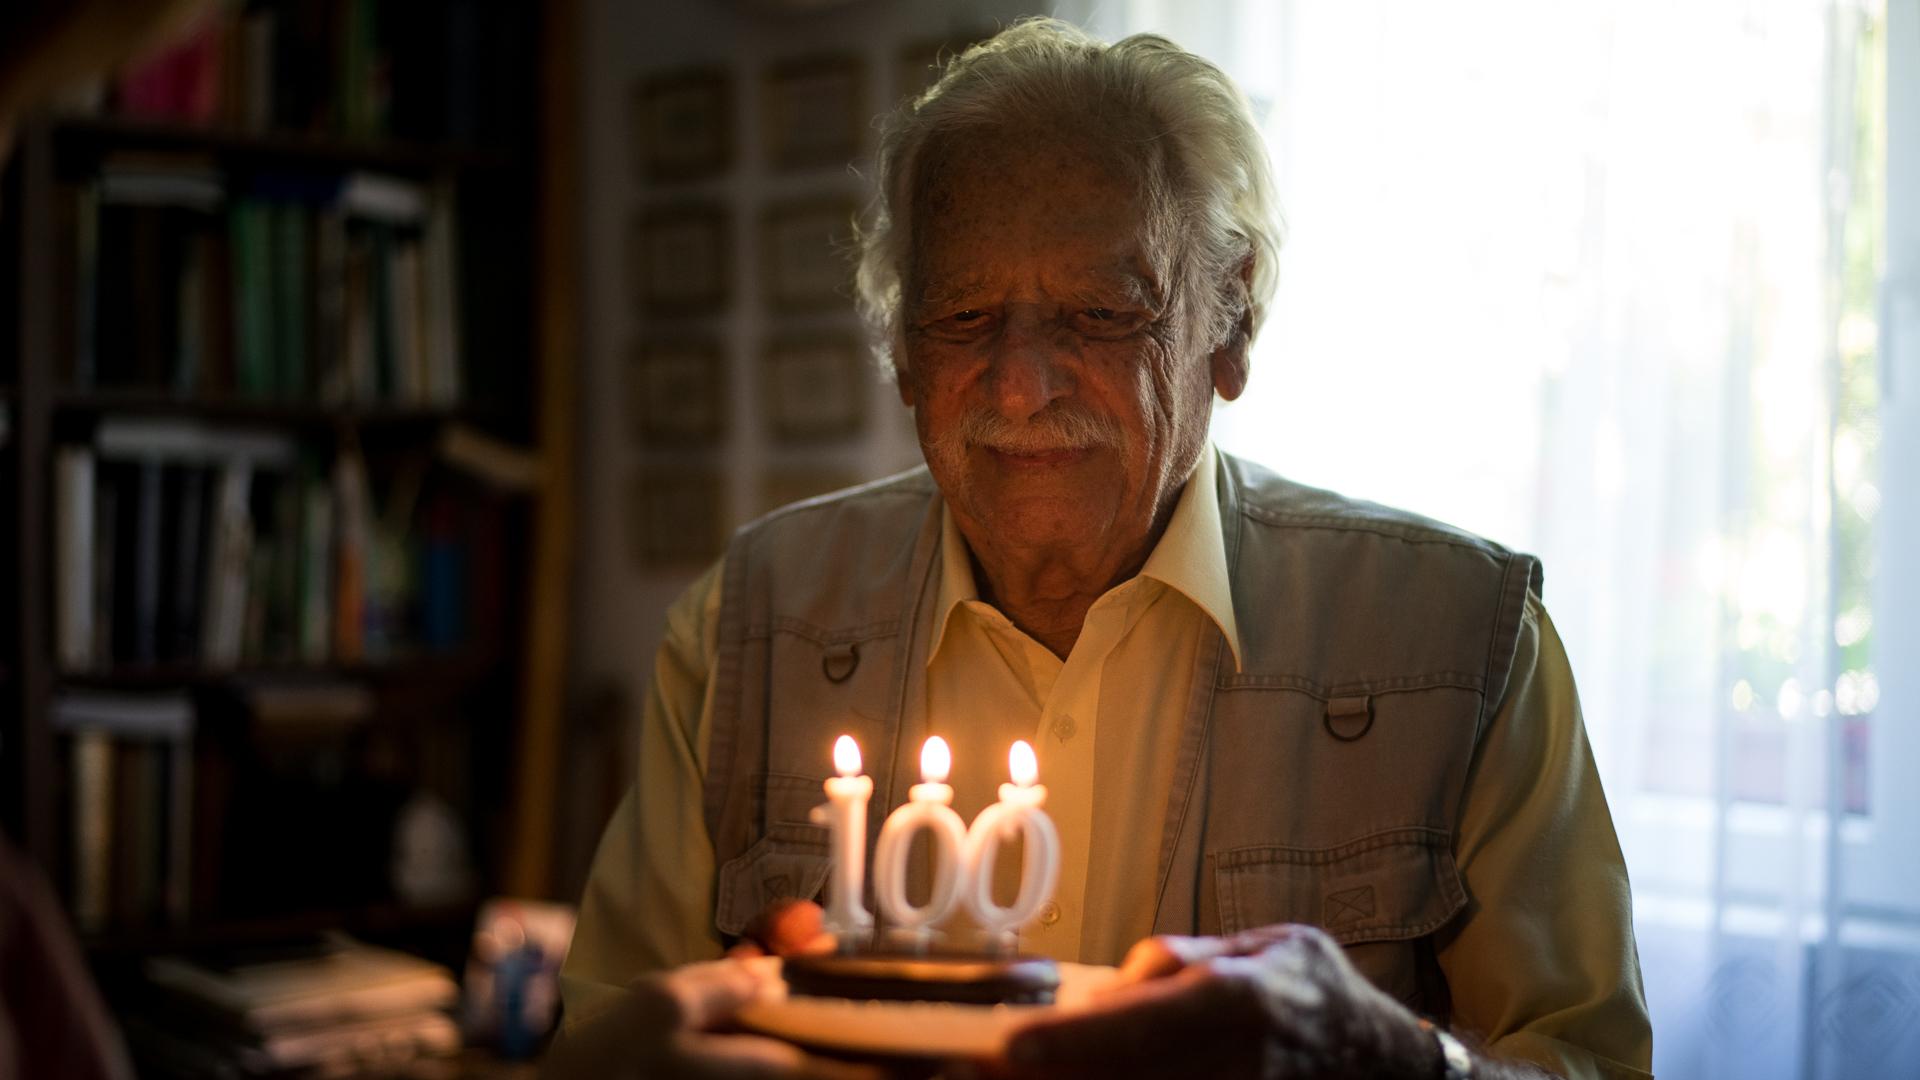 Meghalt Bálint gazda 100 éves korában, aki túlélte a holokausztot is